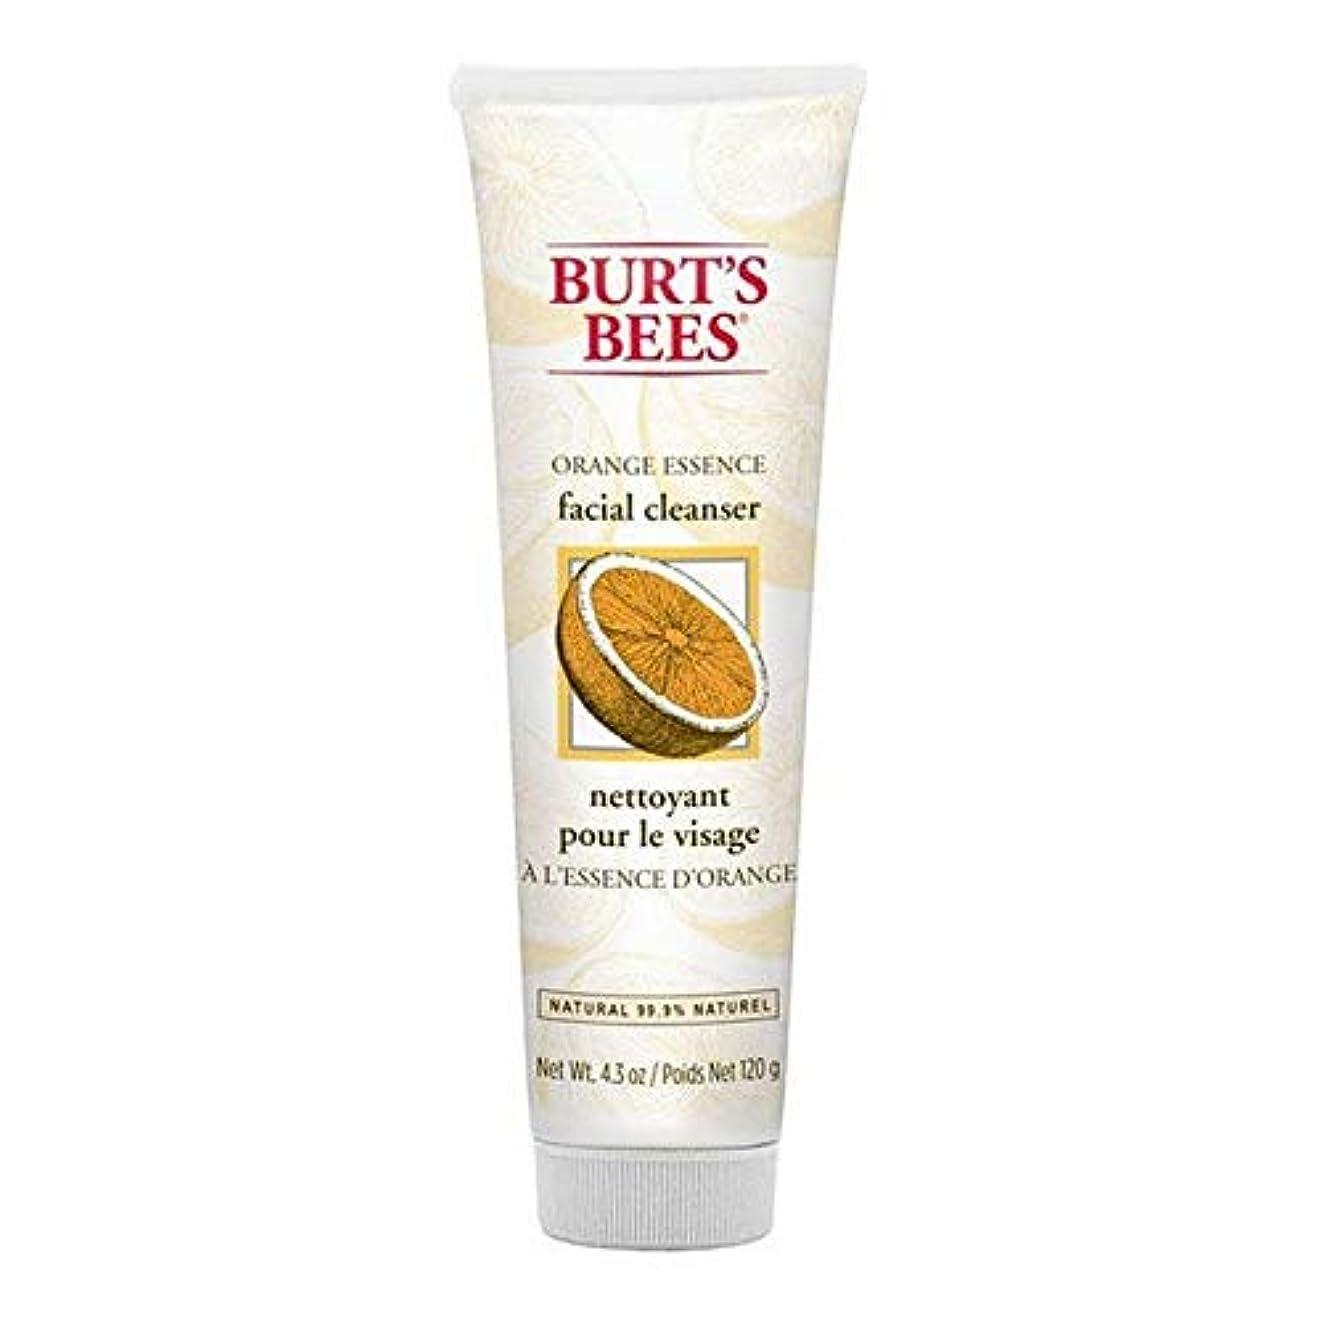 運搬ファランクスエンジン[Burt's Bees ] バーツビーオレンジエッセンス洗顔料の120グラム - Burt's Bees Orange Essence Facial Cleanser 120g [並行輸入品]